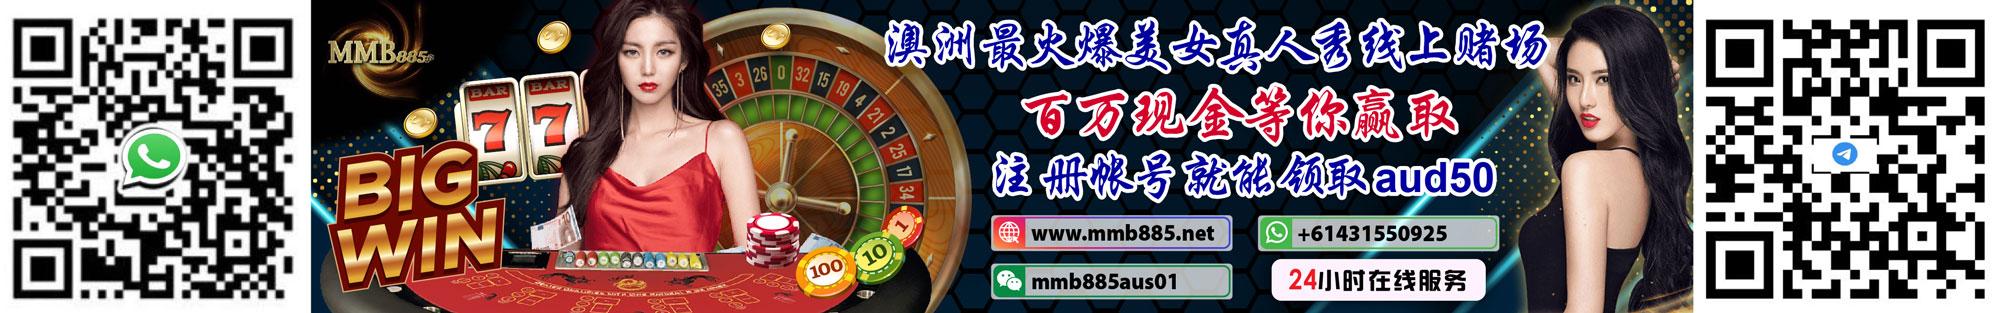 mmb885